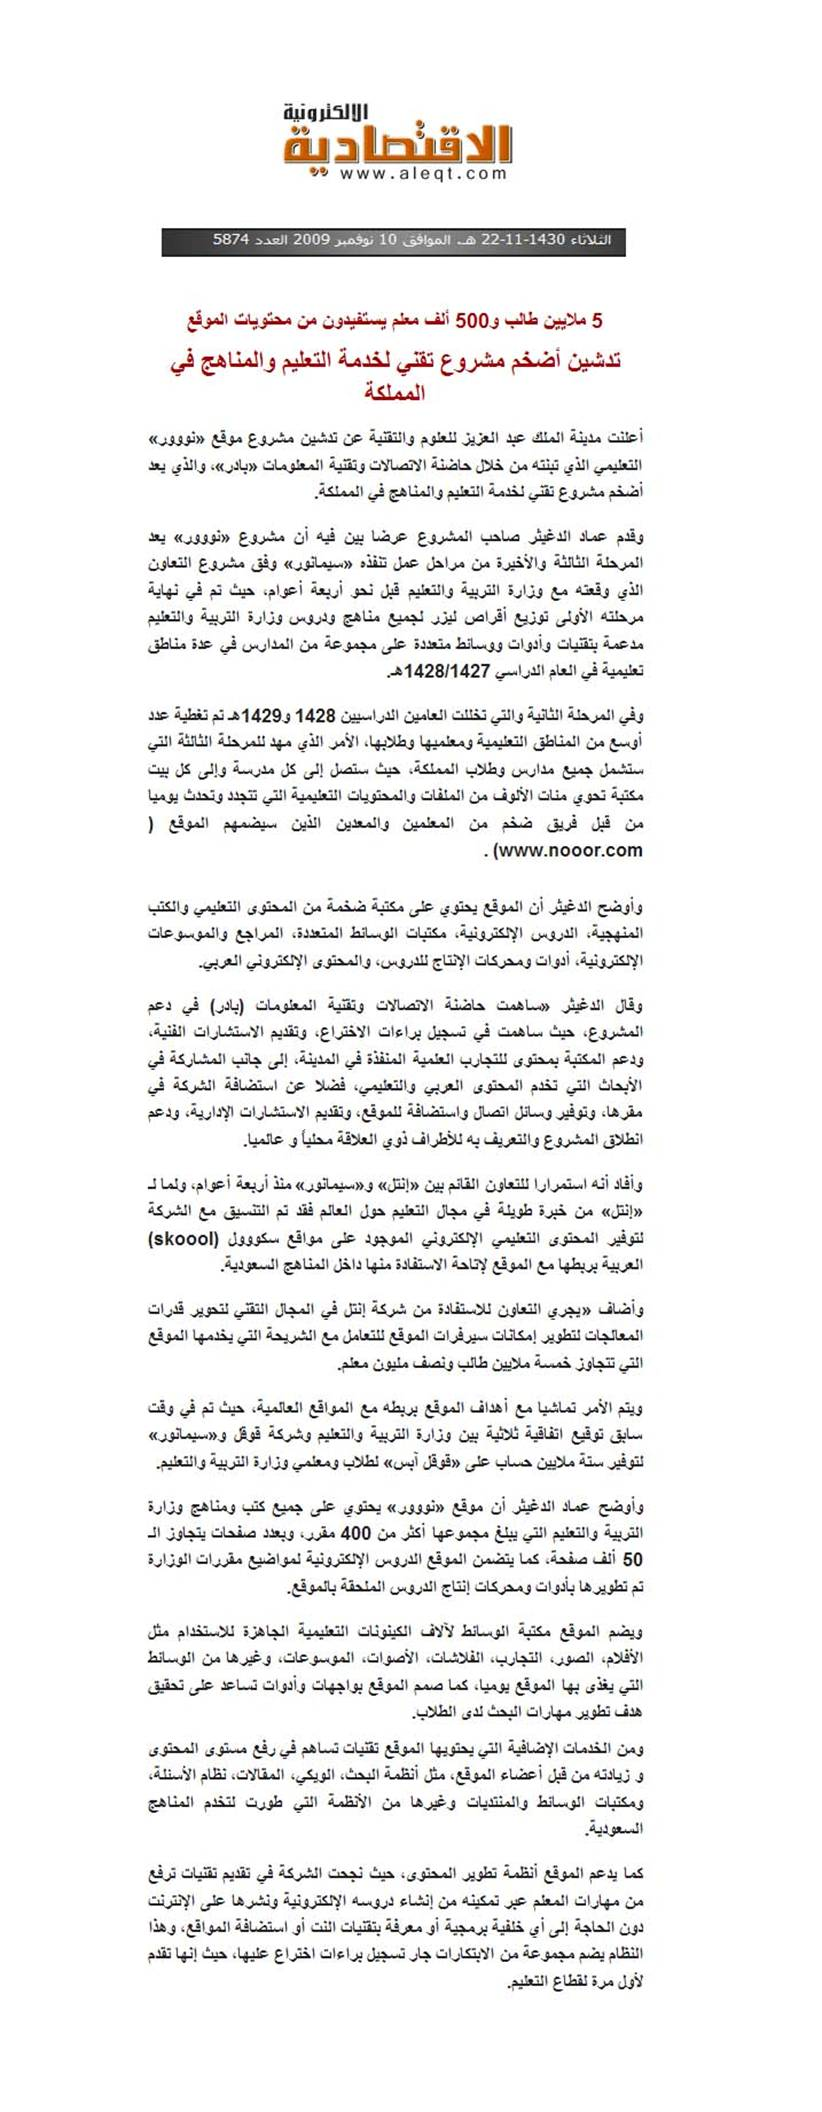 سيمانور - الدروس والمناهج الإلكترونية السعودية A_002